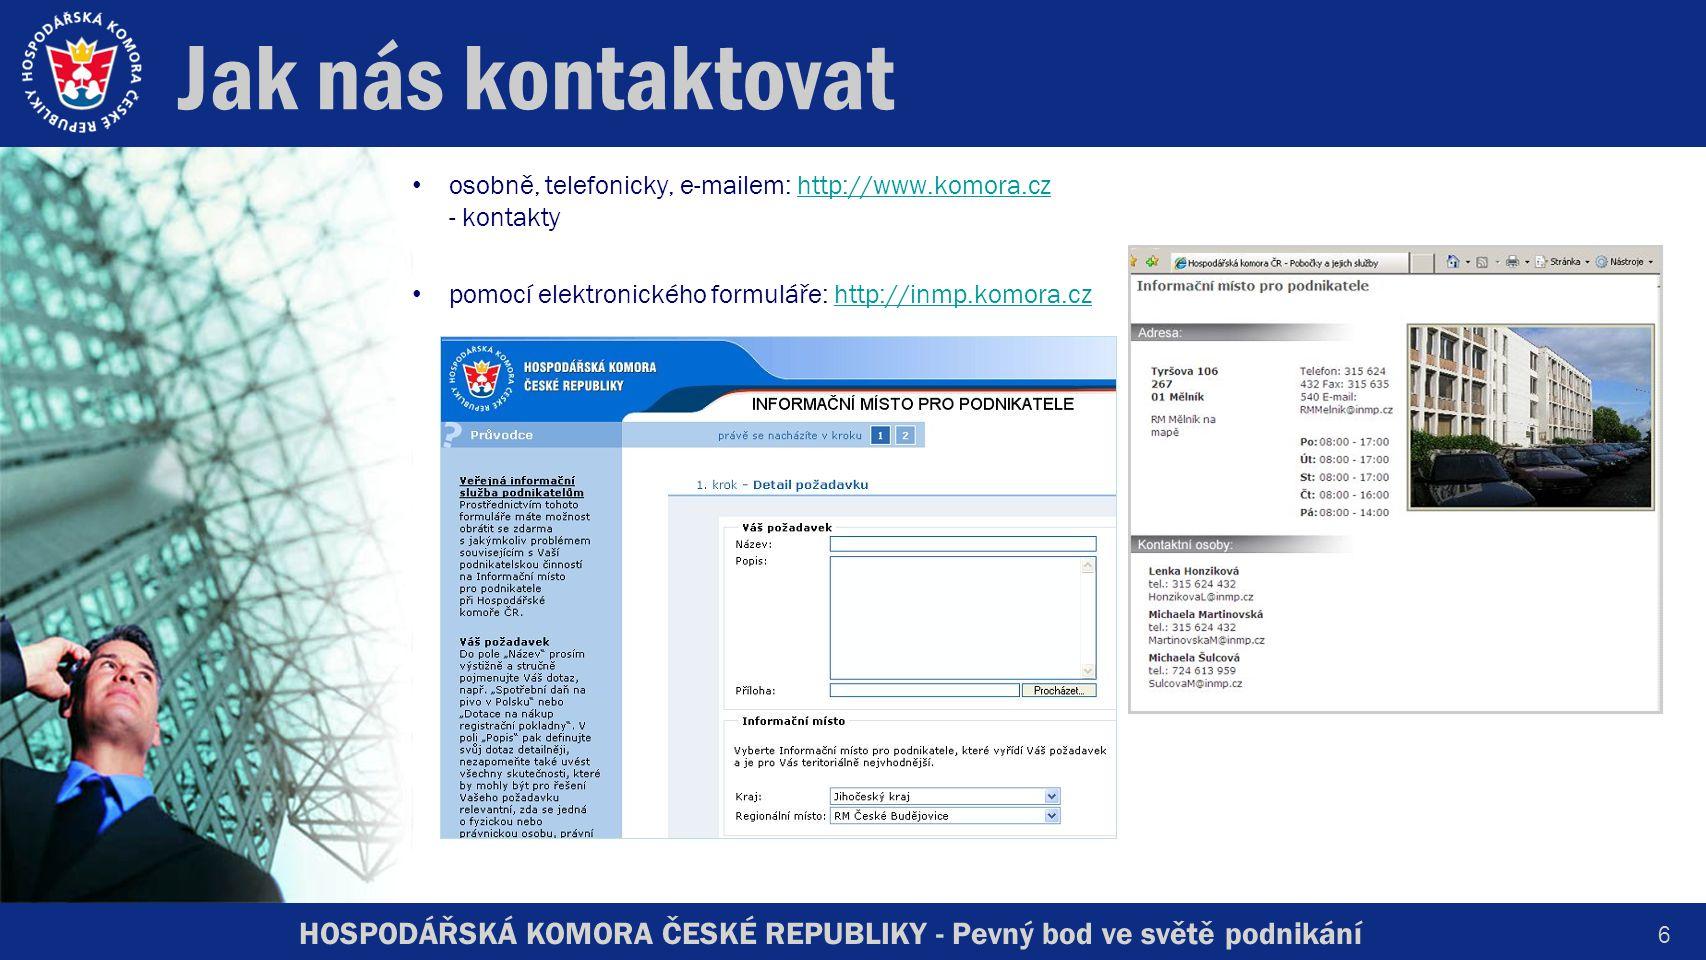 HOSPODÁŘSKÁ KOMORA ČESKÉ REPUBLIKY - Pevný bod ve světě podnikání 6 Jak nás kontaktovat osobně, telefonicky, e-mailem: http://www.komora.cz - kontaktyhttp://www.komora.cz pomocí elektronického formuláře: http://inmp.komora.czhttp://inmp.komora.cz